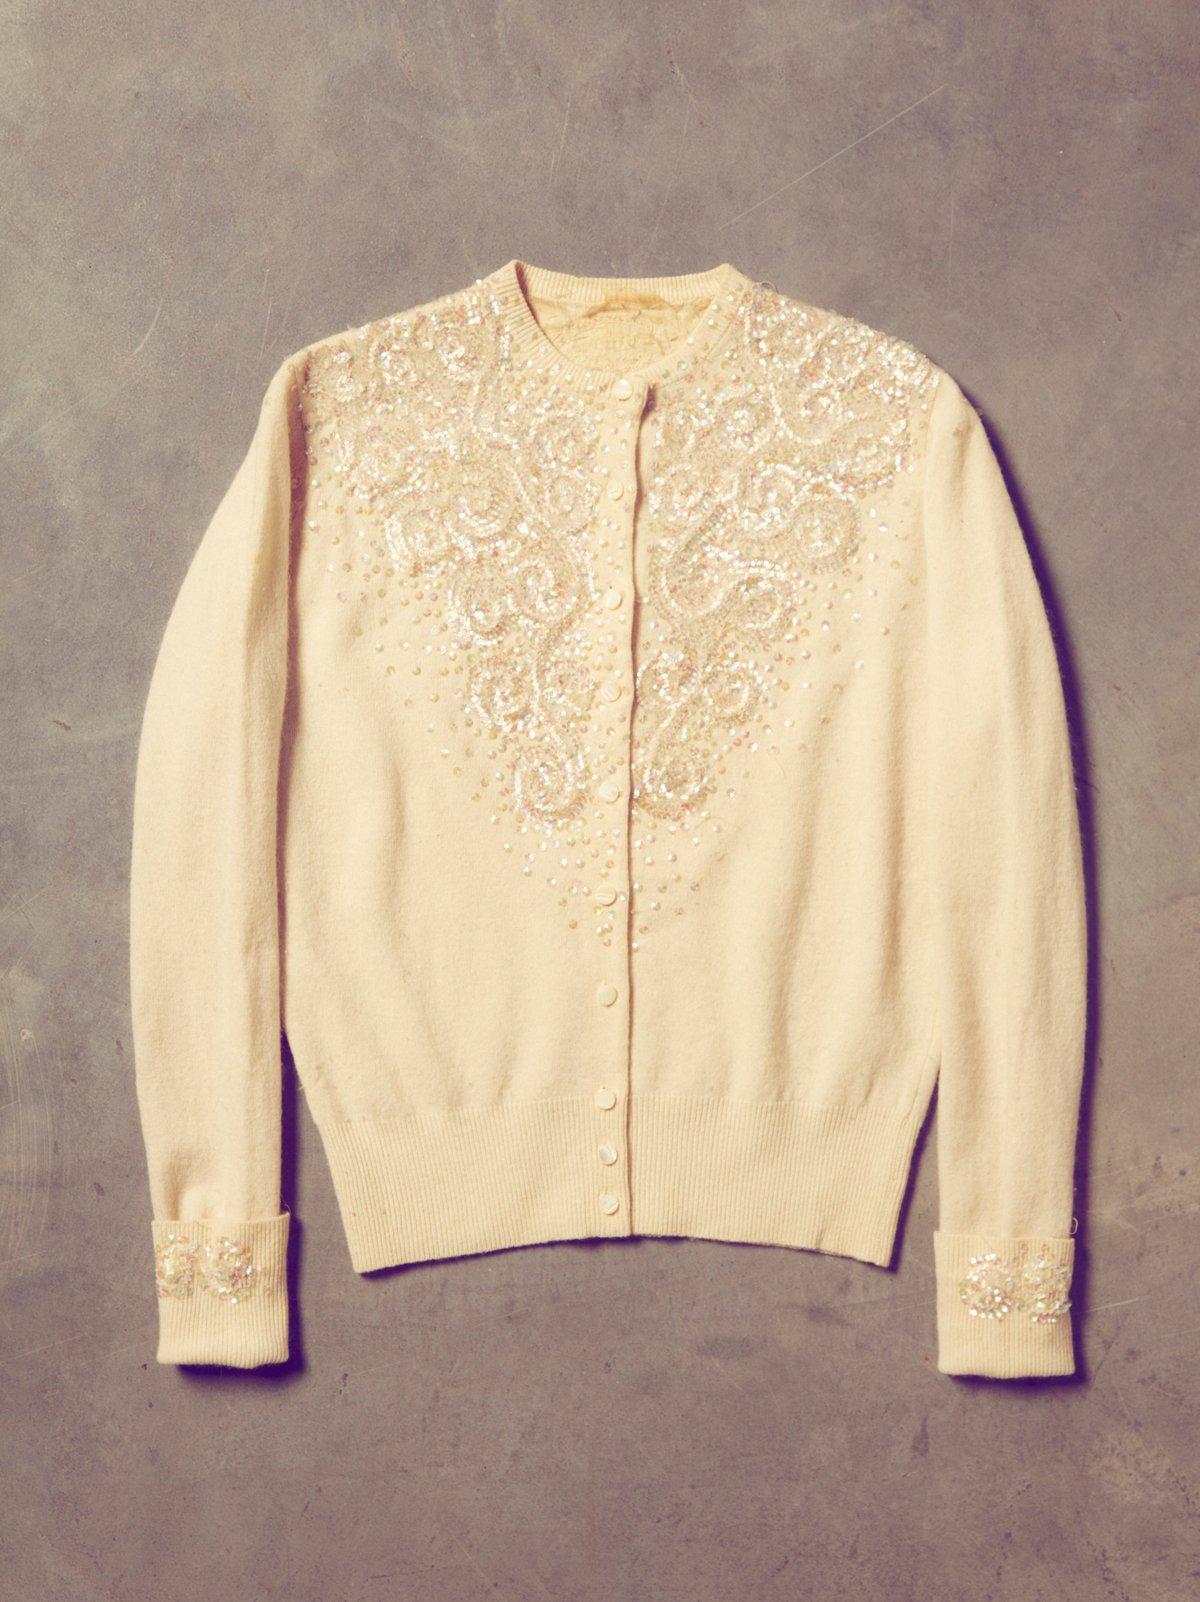 Vintage 1950s Sequin Cardigan